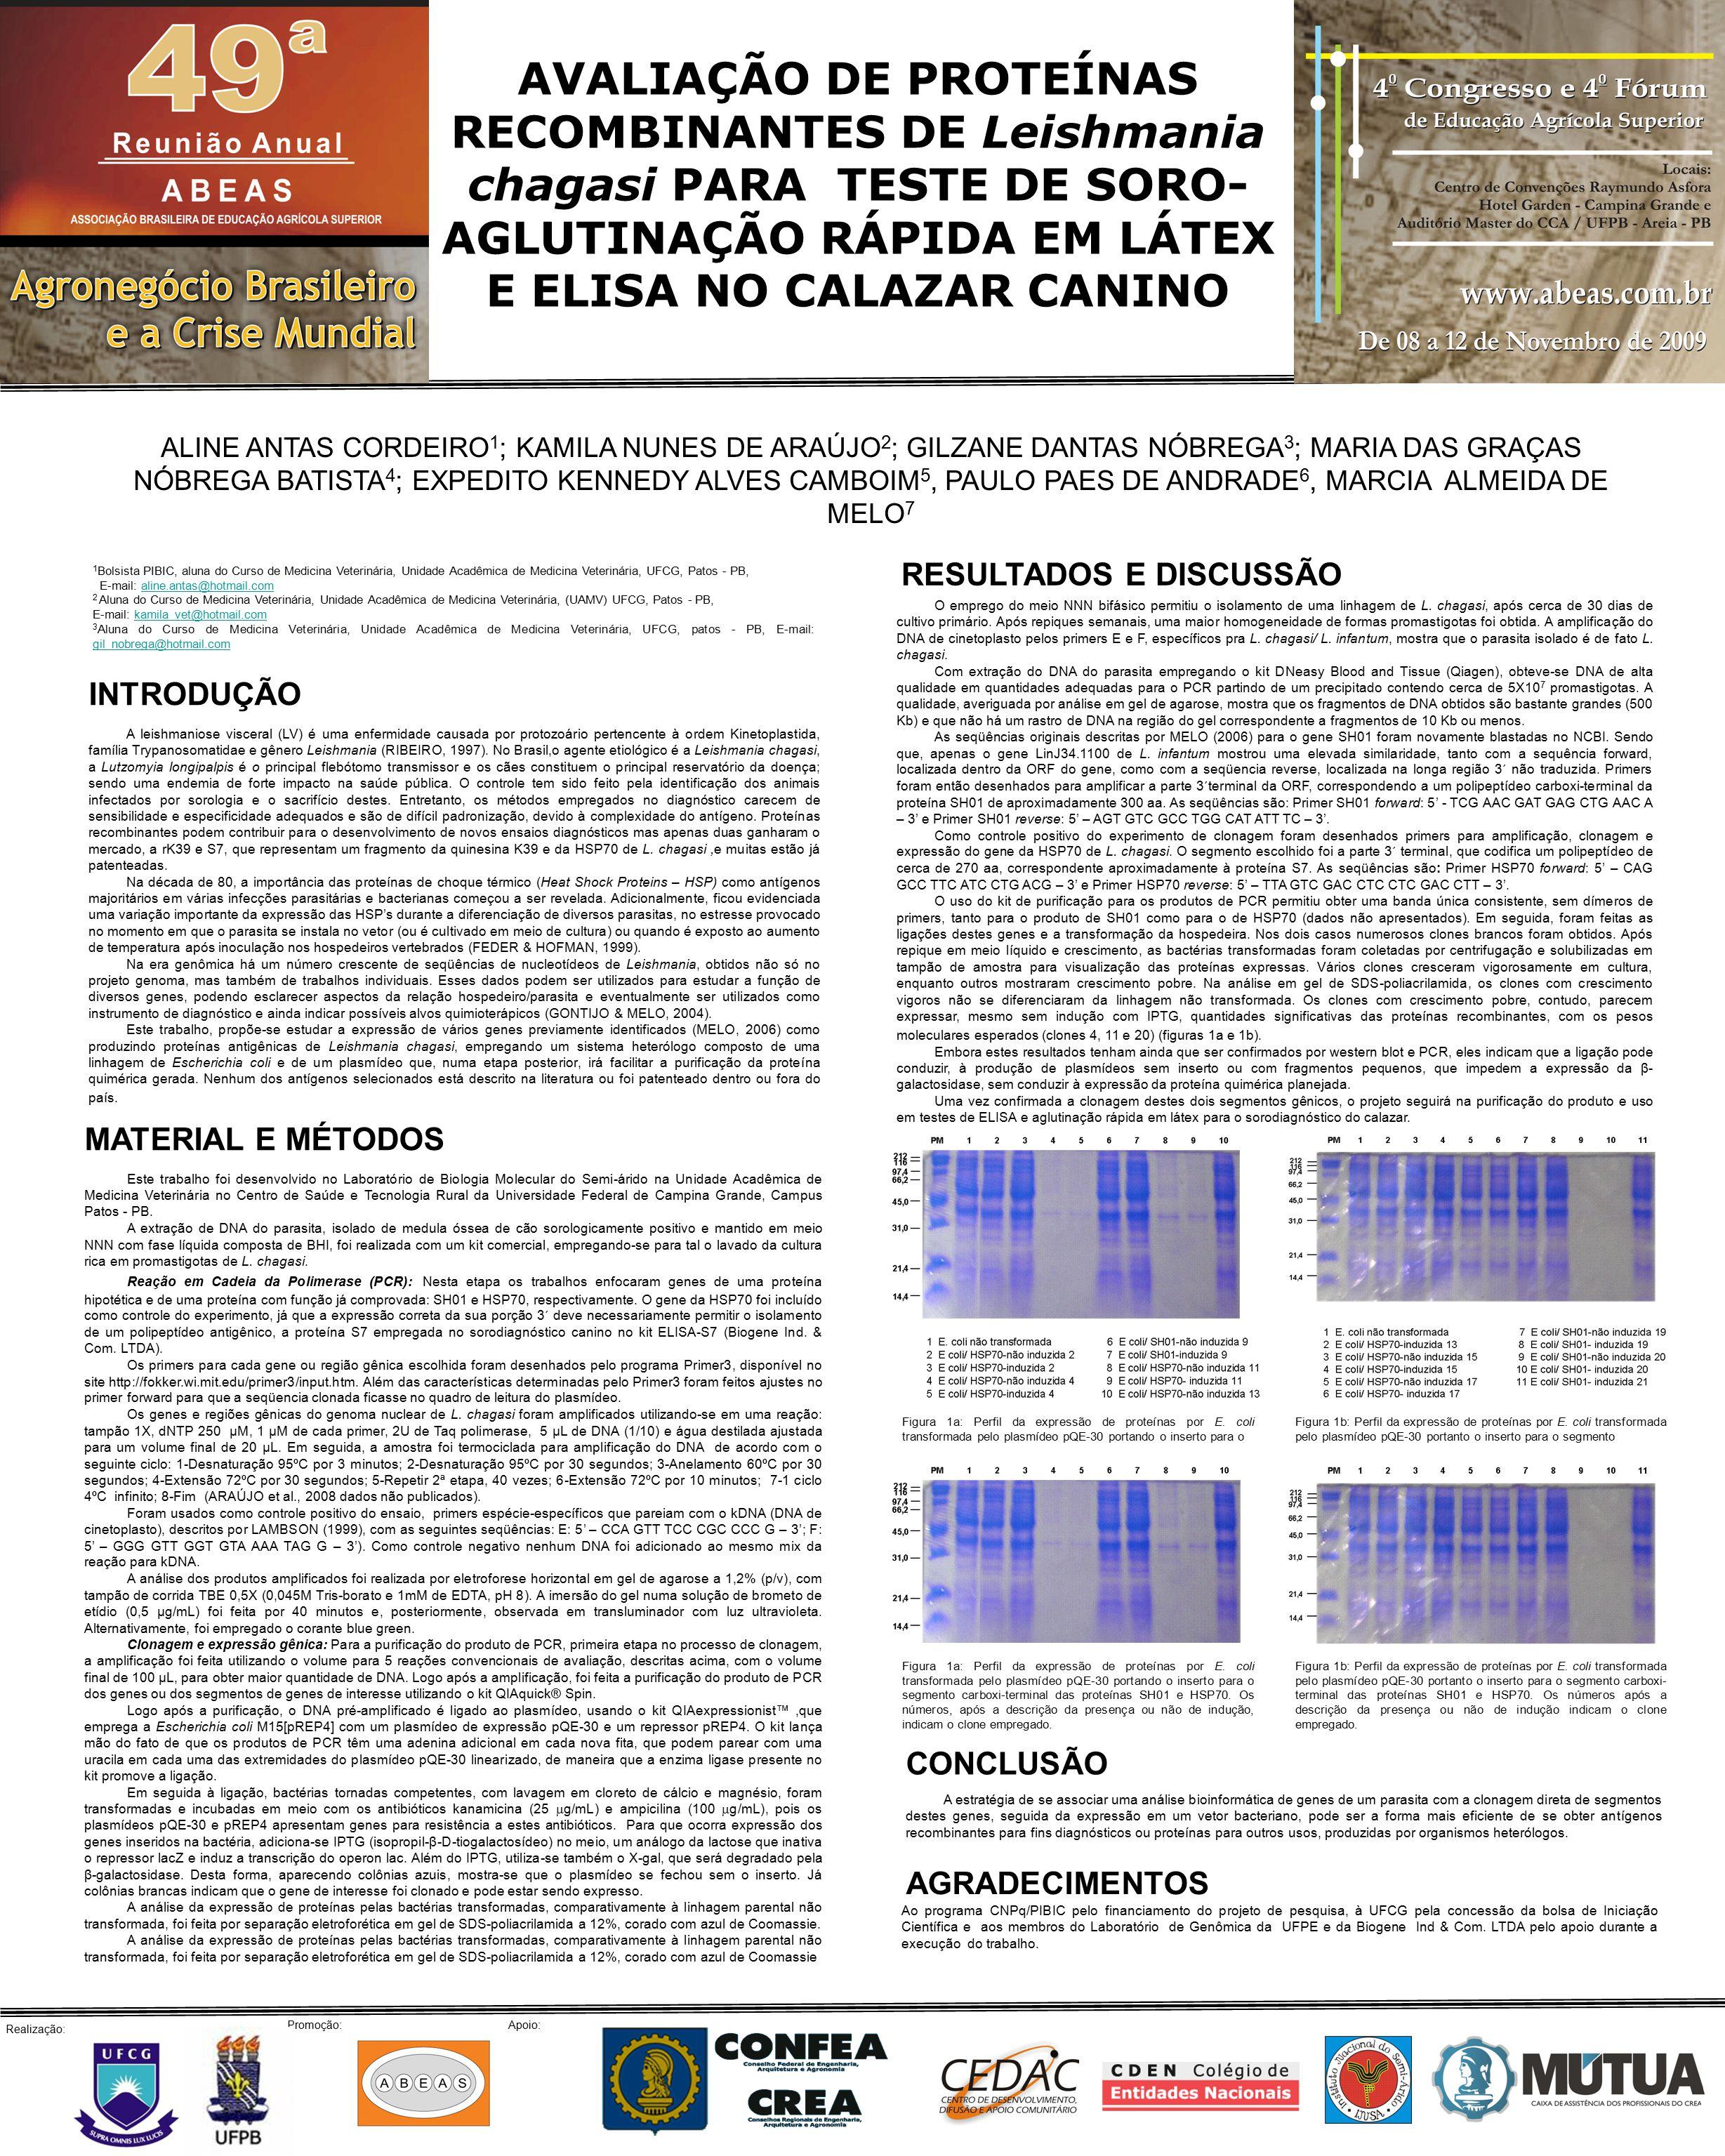 ALINE ANTAS CORDEIRO 1 ; KAMILA NUNES DE ARAÚJO 2 ; GILZANE DANTAS NÓBREGA 3 ; MARIA DAS GRAÇAS NÓBREGA BATISTA 4 ; EXPEDITO KENNEDY ALVES CAMBOIM 5, PAULO PAES DE ANDRADE 6, MARCIA ALMEIDA DE MELO 7 AVALIAÇÃO DE PROTEÍNAS RECOMBINANTES DE Leishmania chagasi PARA TESTE DE SORO- AGLUTINAÇÃO RÁPIDA EM LÁTEX E ELISA NO CALAZAR CANINO A leishmaniose visceral (LV) é uma enfermidade causada por protozoário pertencente à ordem Kinetoplastida, família Trypanosomatidae e gênero Leishmania (RIBEIRO, 1997).